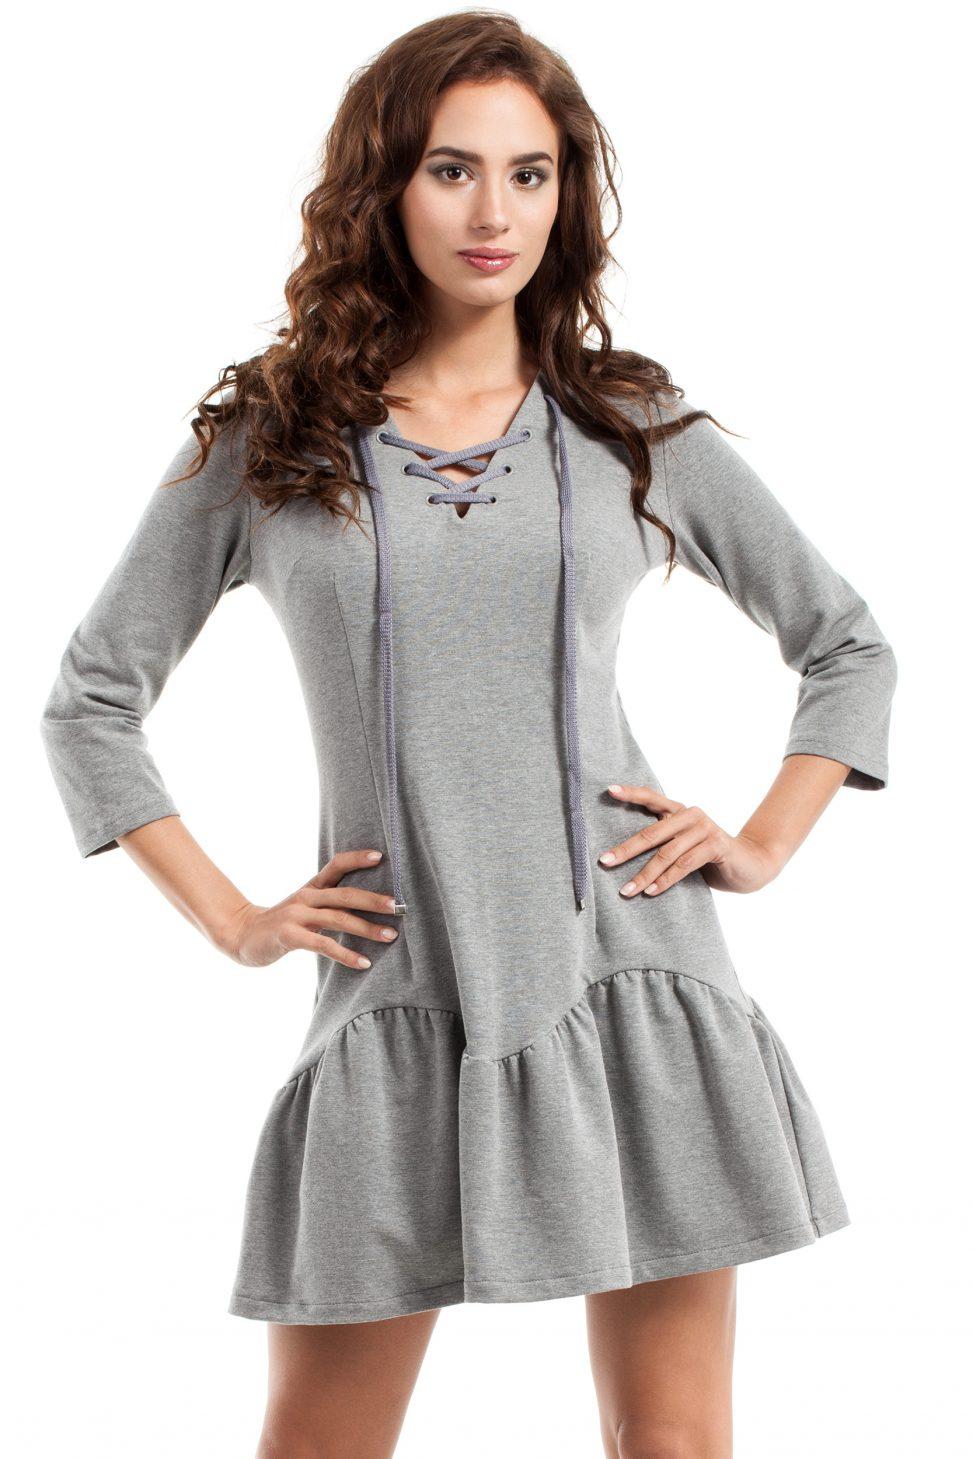 Szara dresowa sukienka wiązana w dekolcie